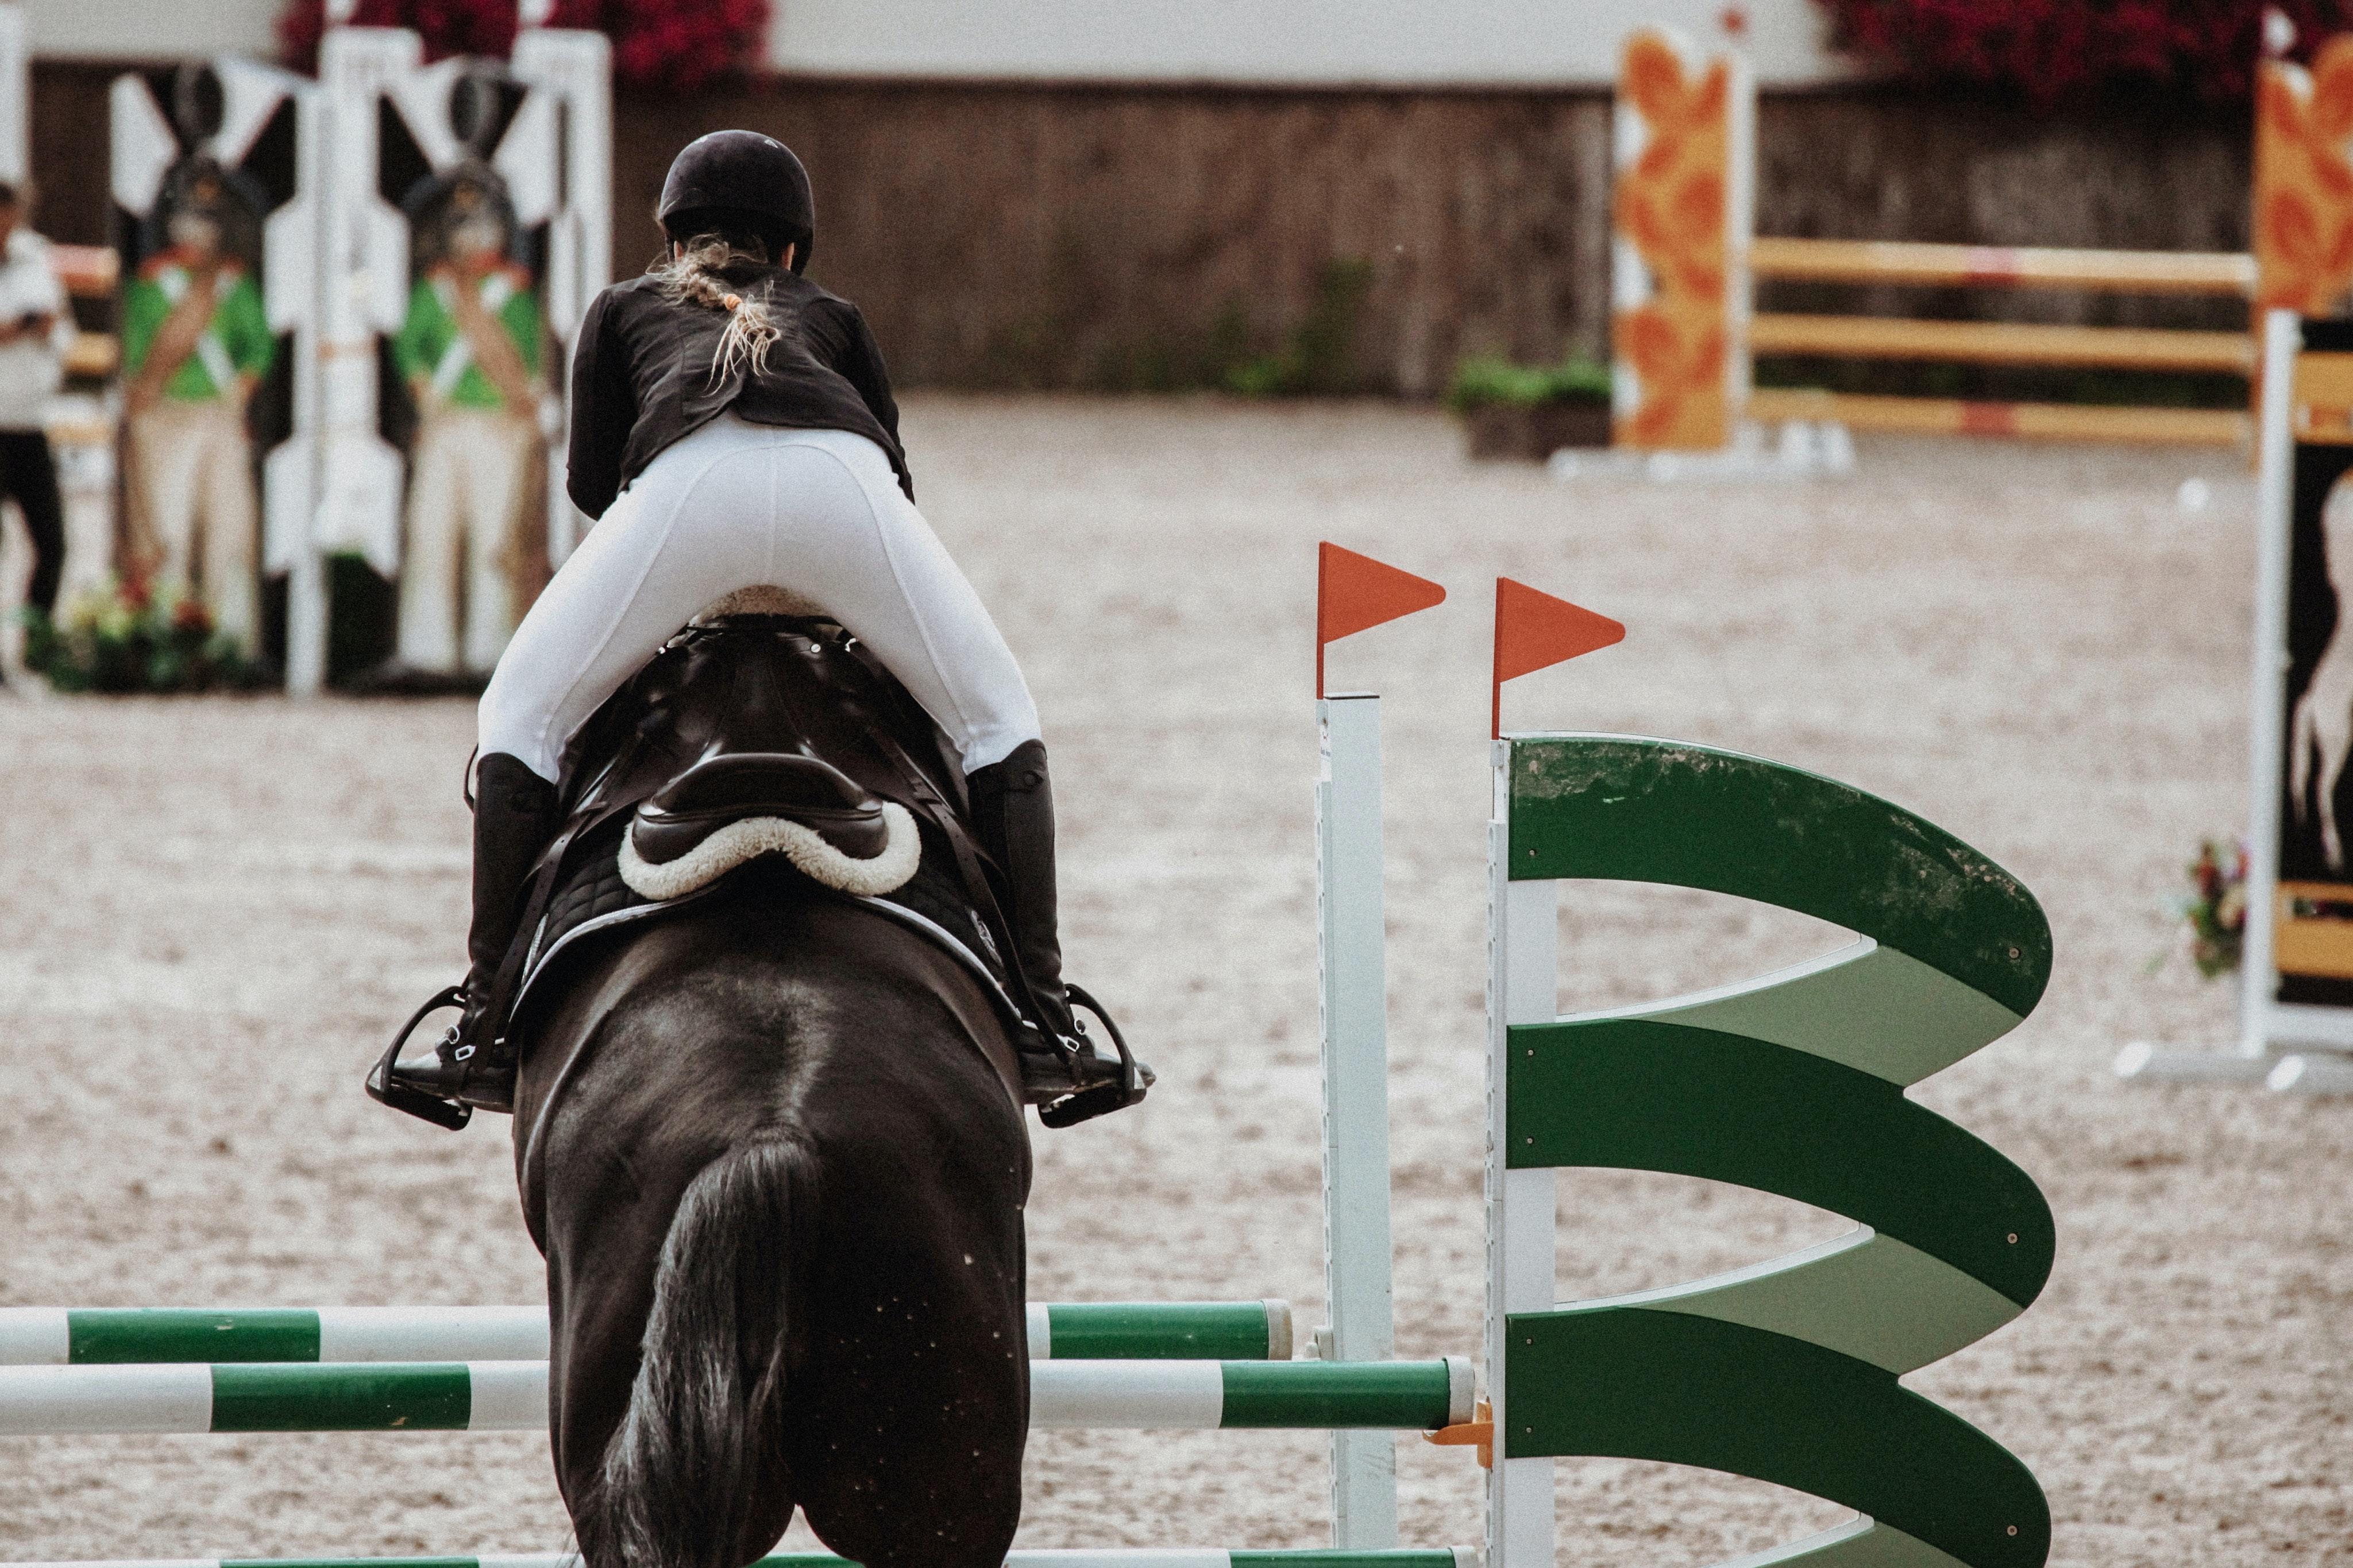 Je paard zal niets leren als je hem altijd juist voor de hindernis zet. Maar... wat moet je dan wel doen?